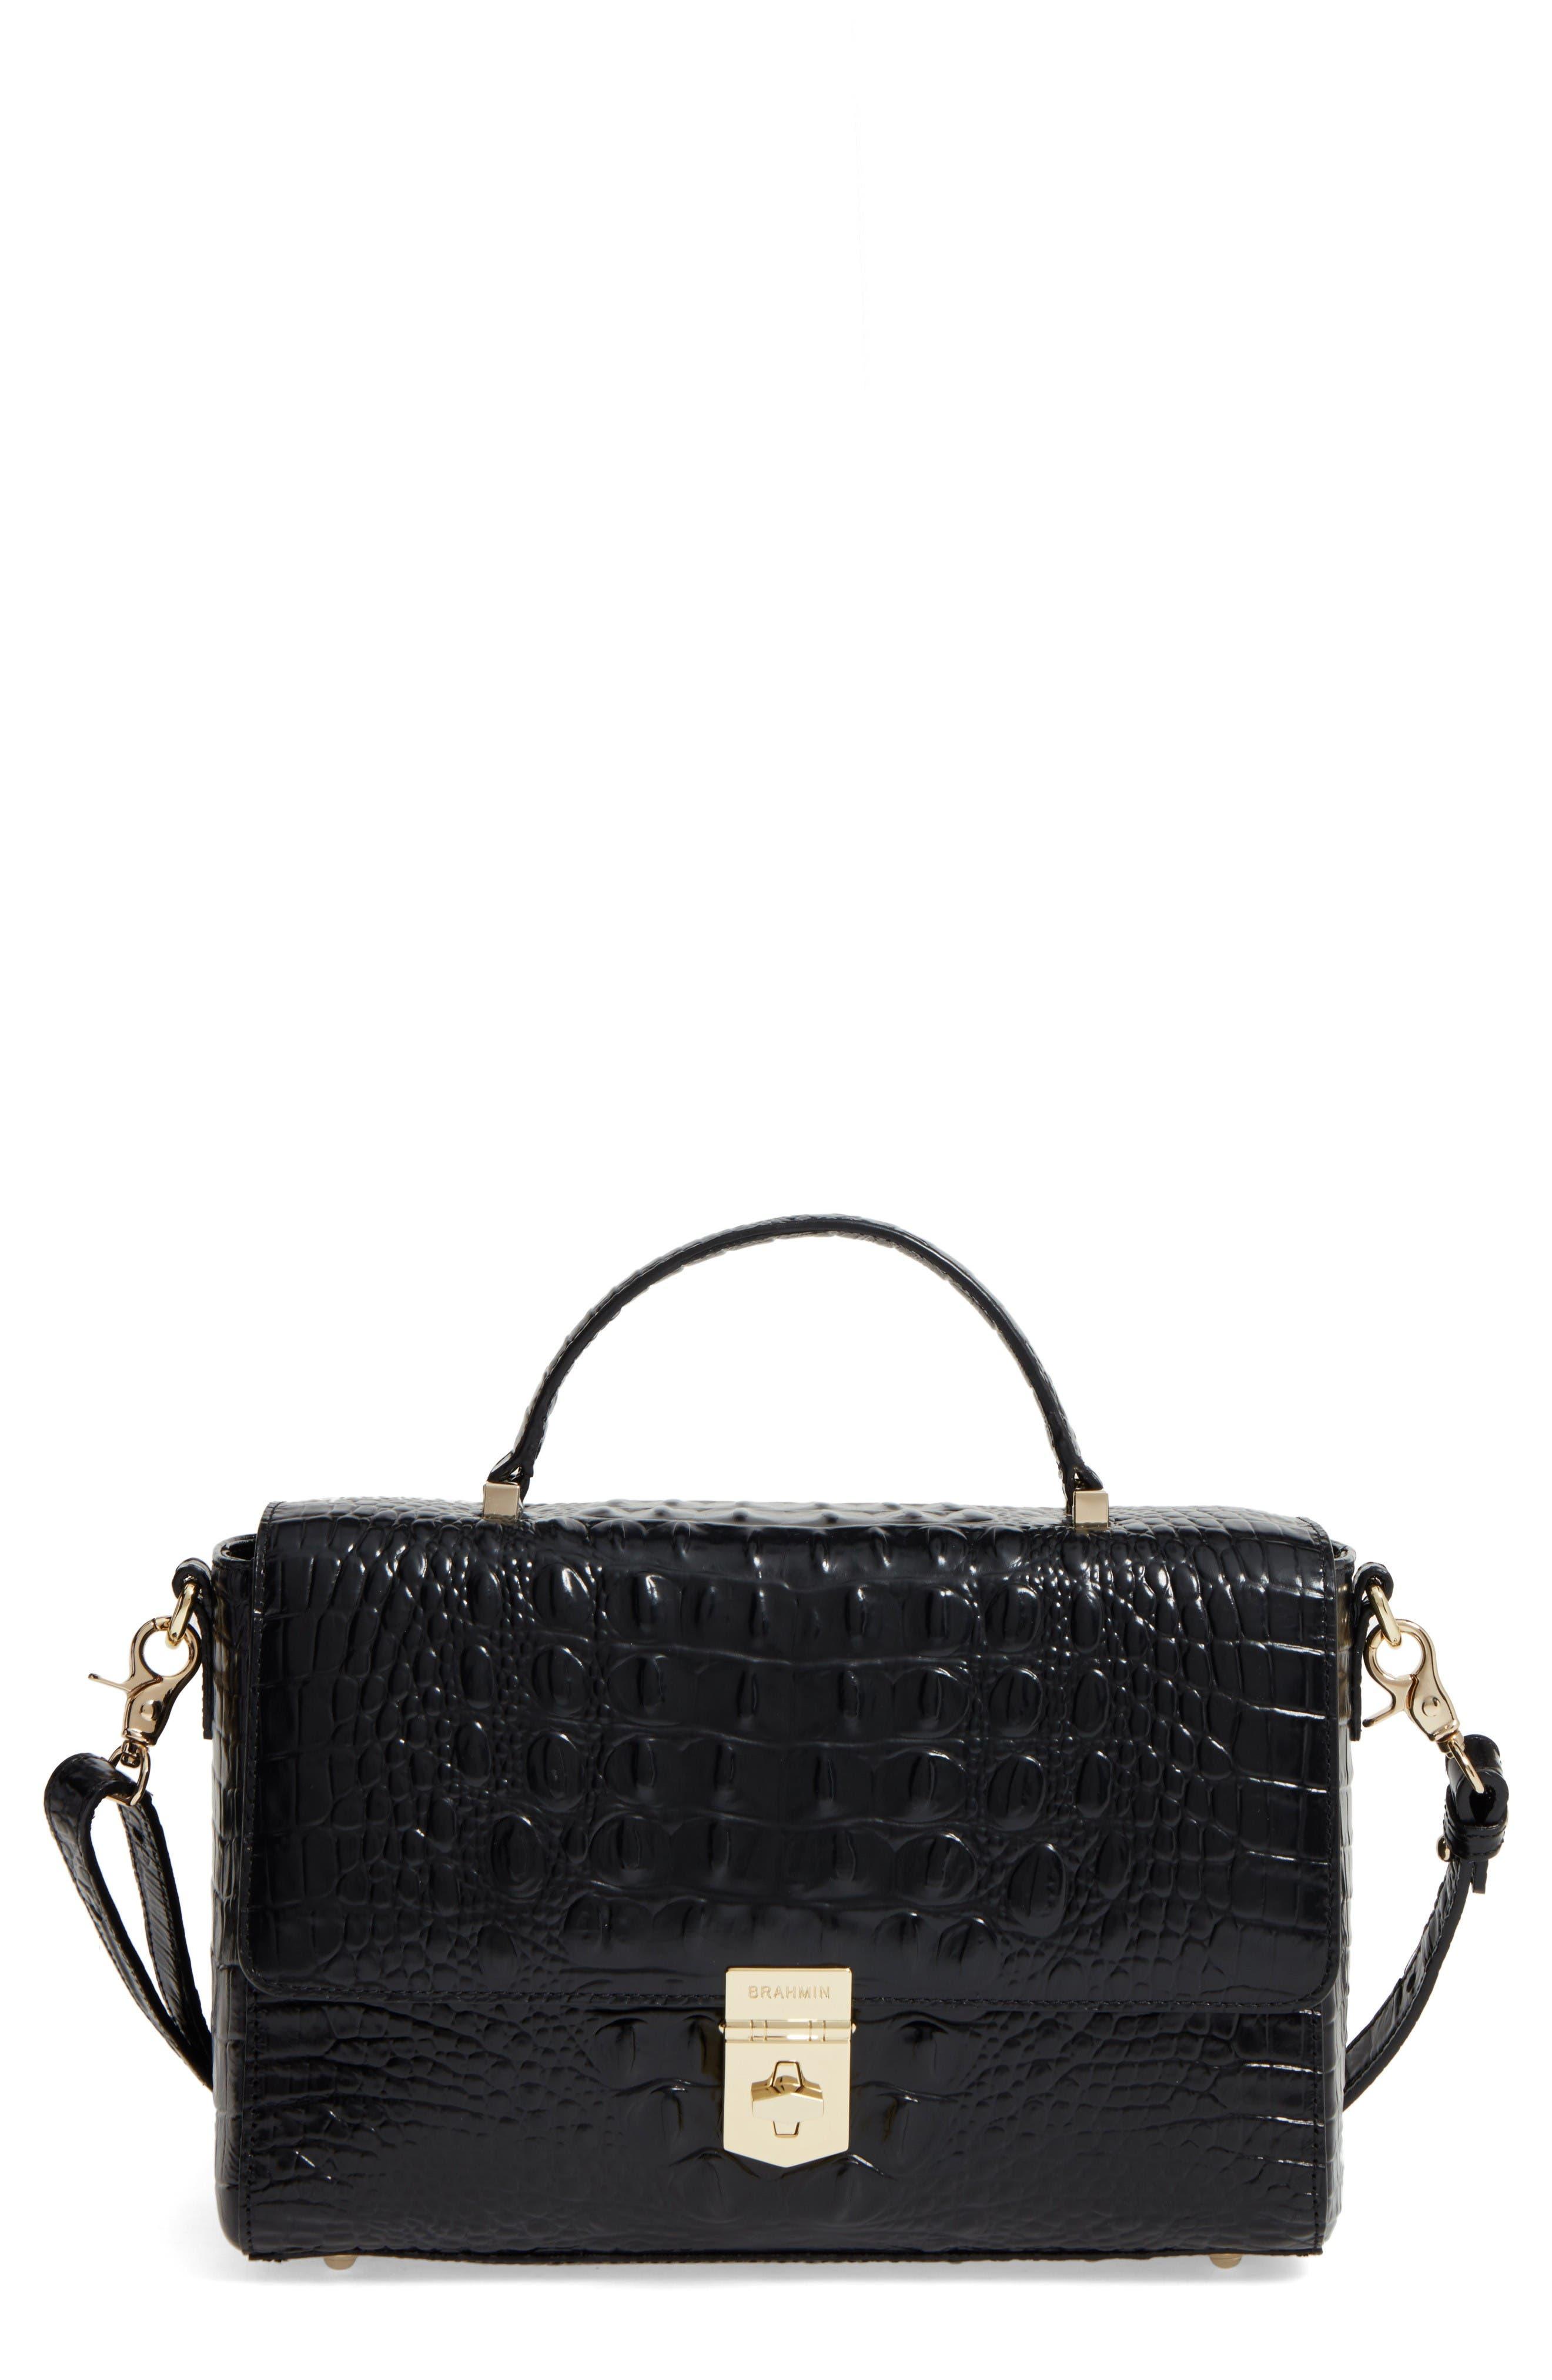 Danielle Leather Top Handle Satchel,                         Main,                         color, Black